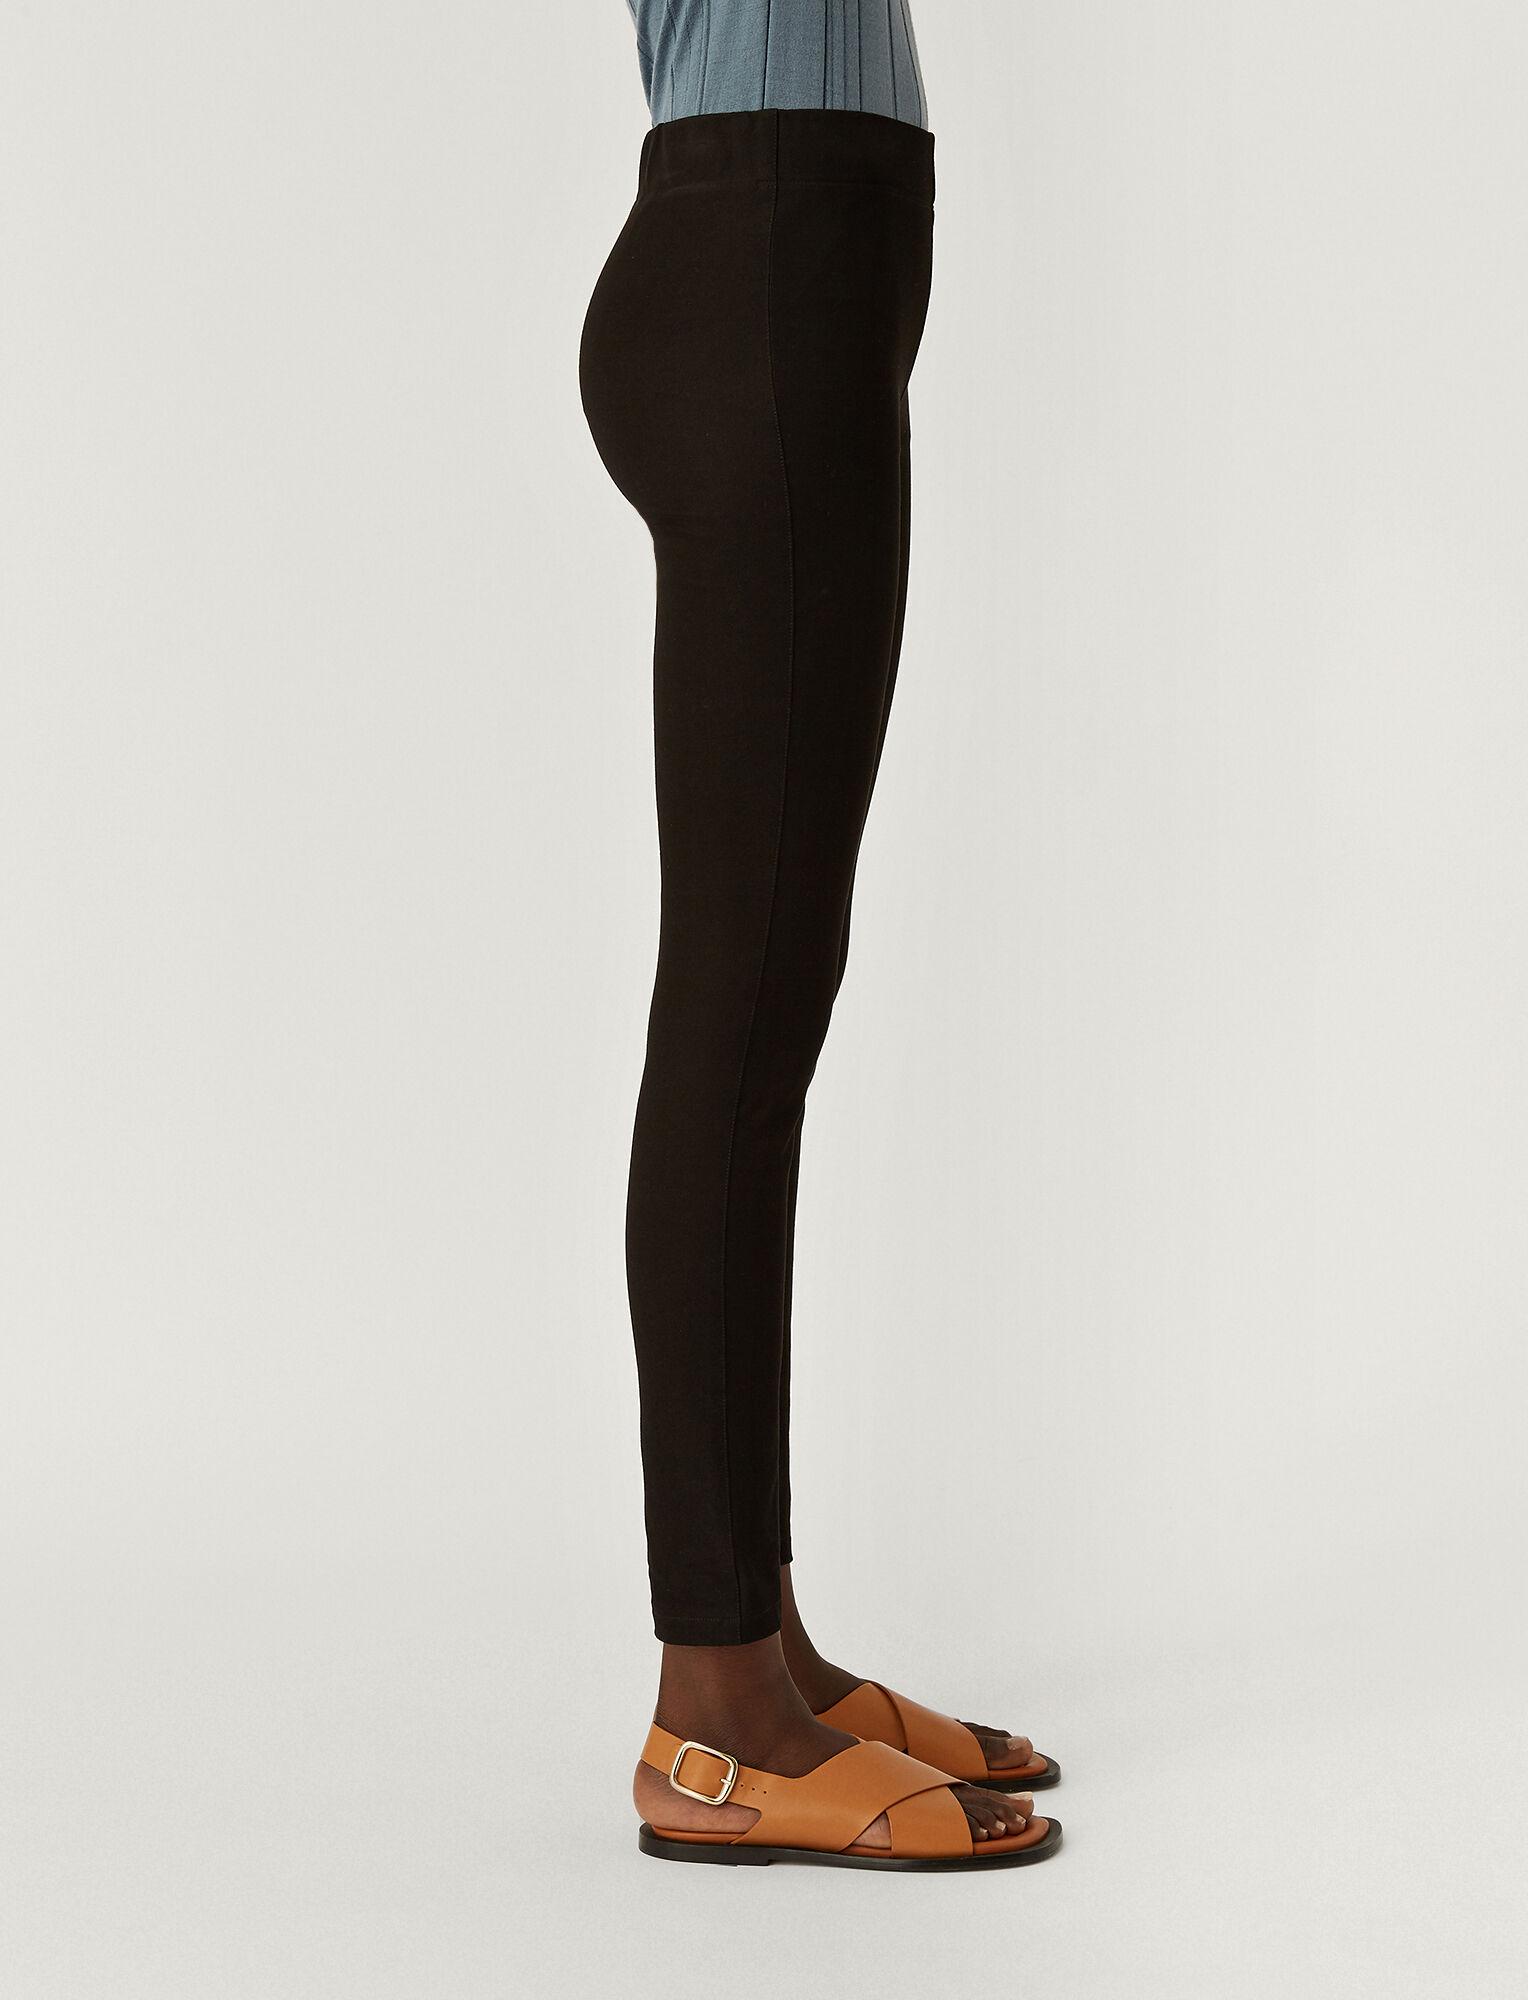 Joseph, Gabardine Stretch Legging, in BLACK